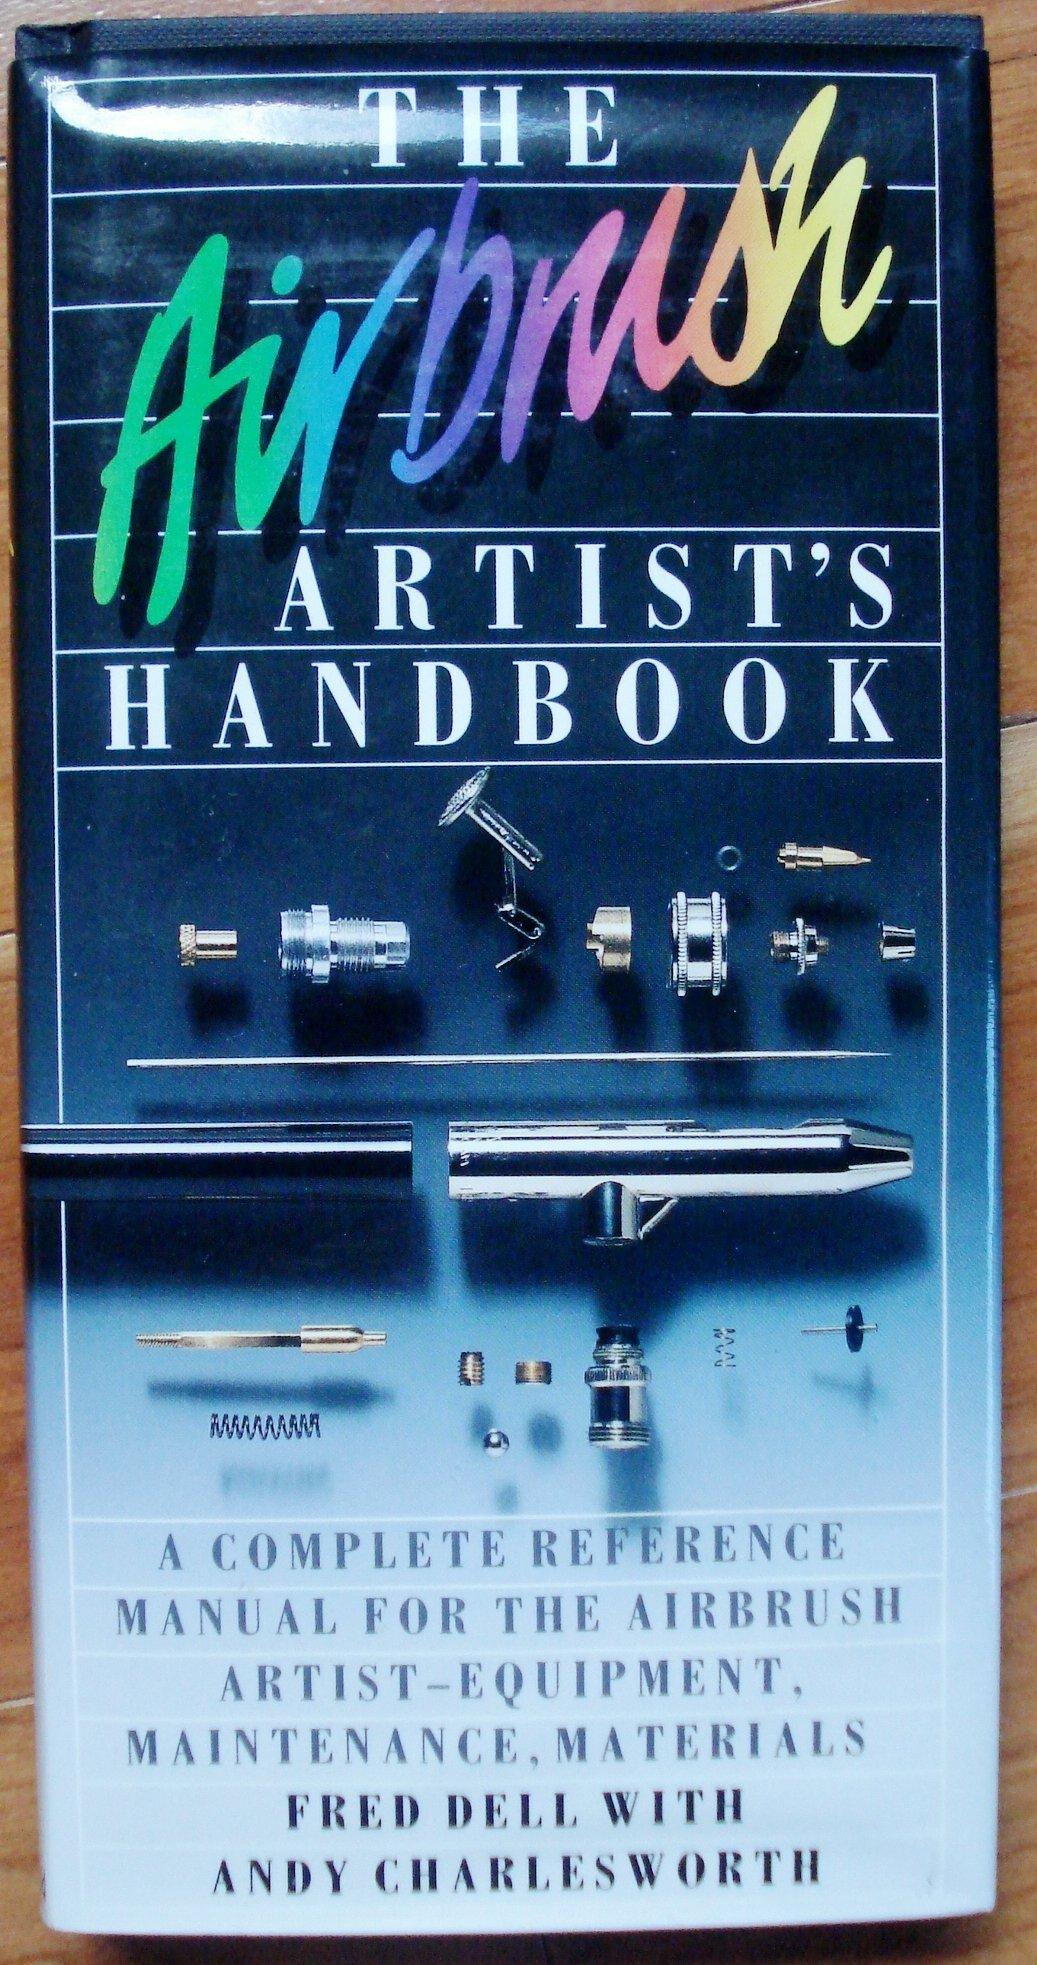 The Airbrush Artist's Handbook